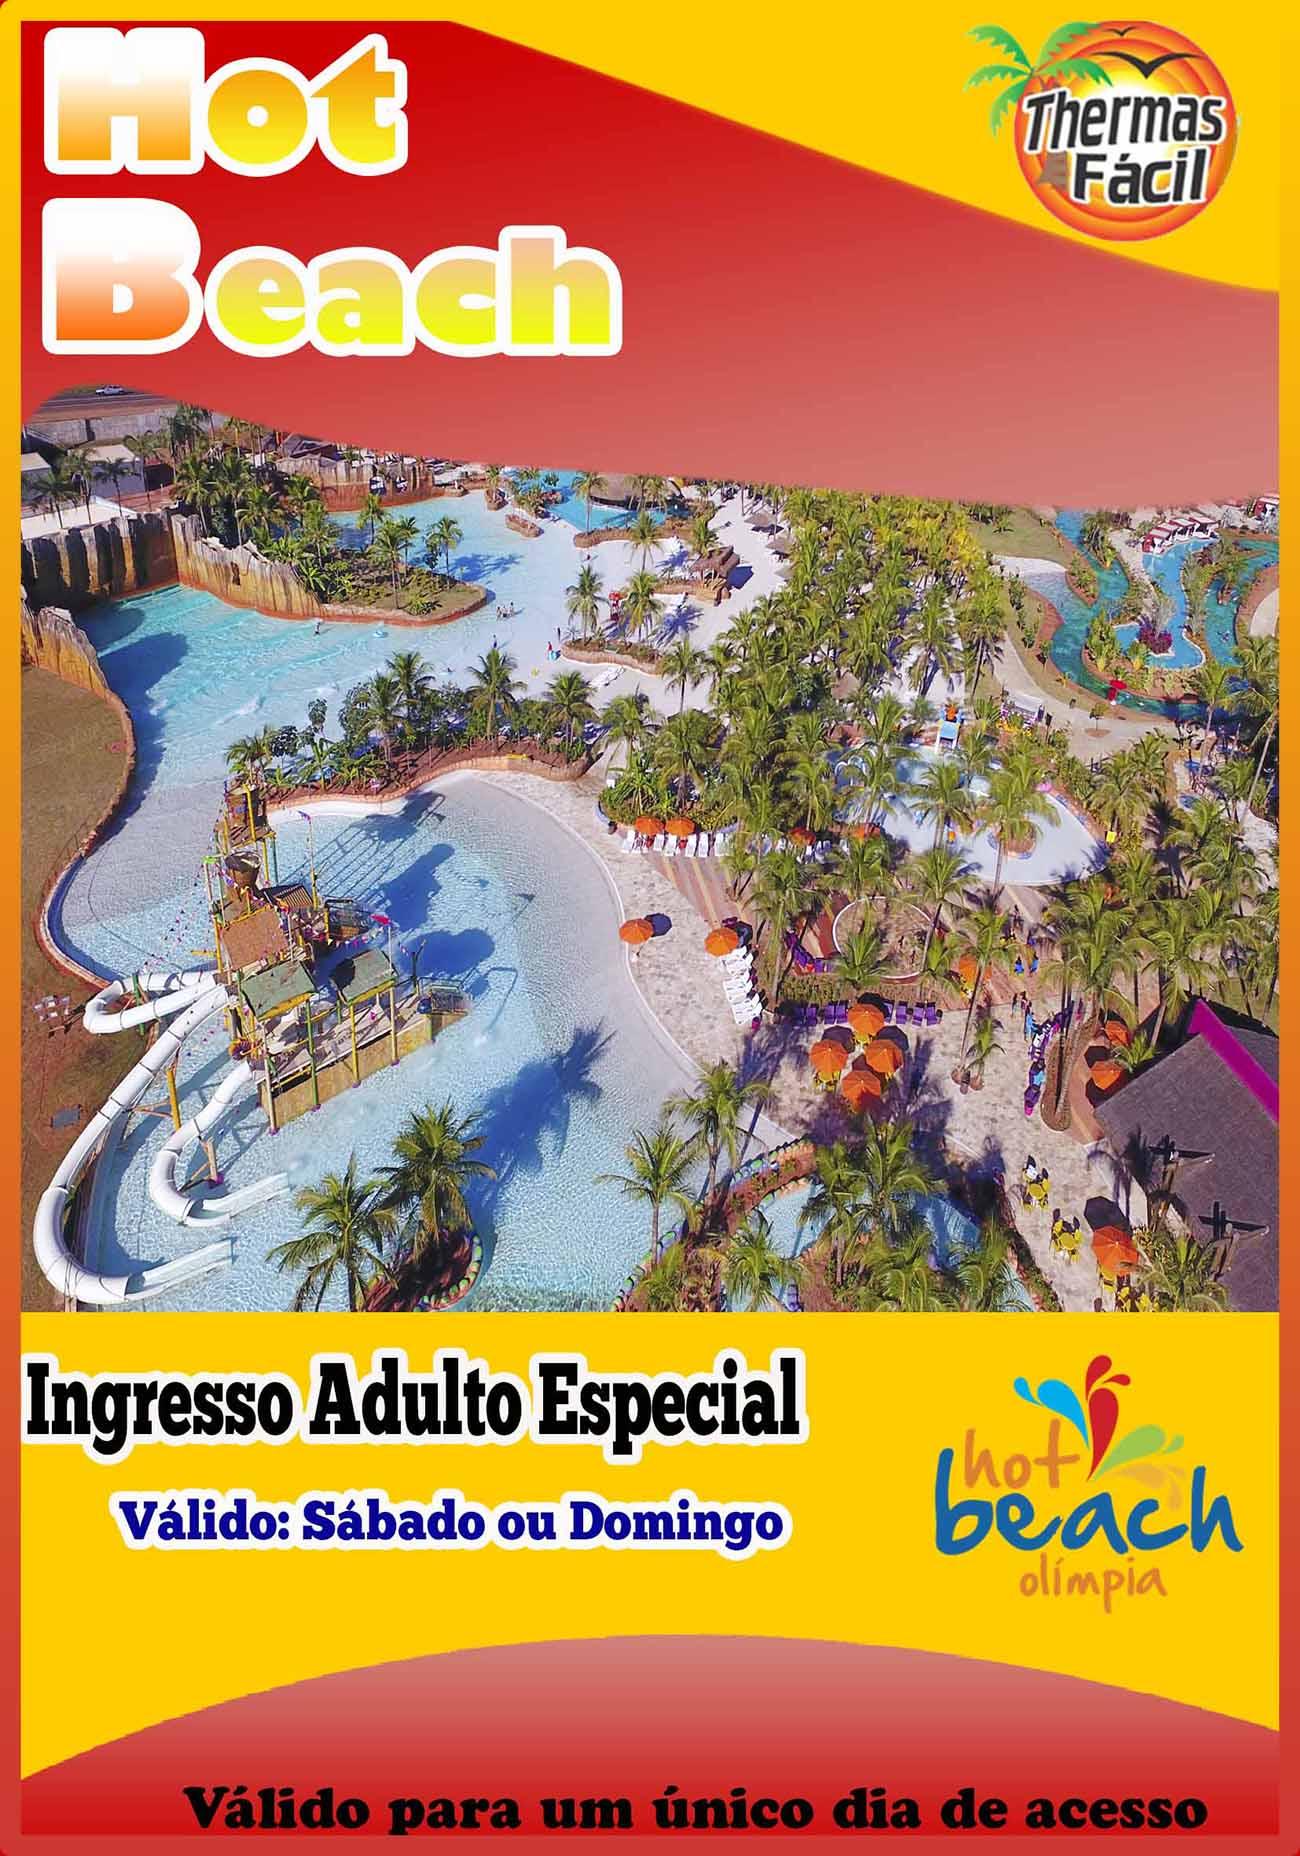 Ingresso Adulto - Feriados Especiais - Hot Beach  - Thermas Fácil